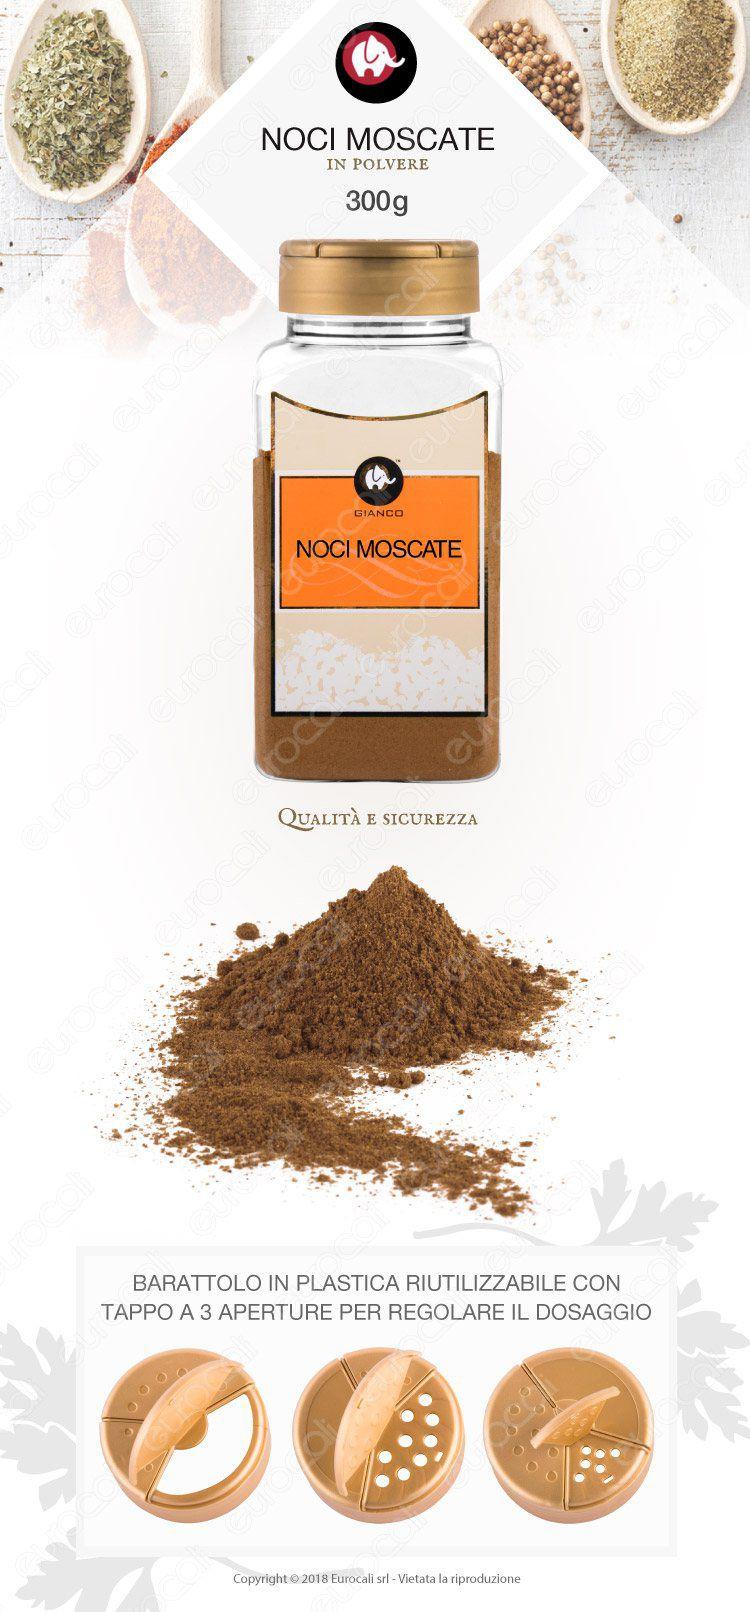 Gianco Noci Moscate Polvere